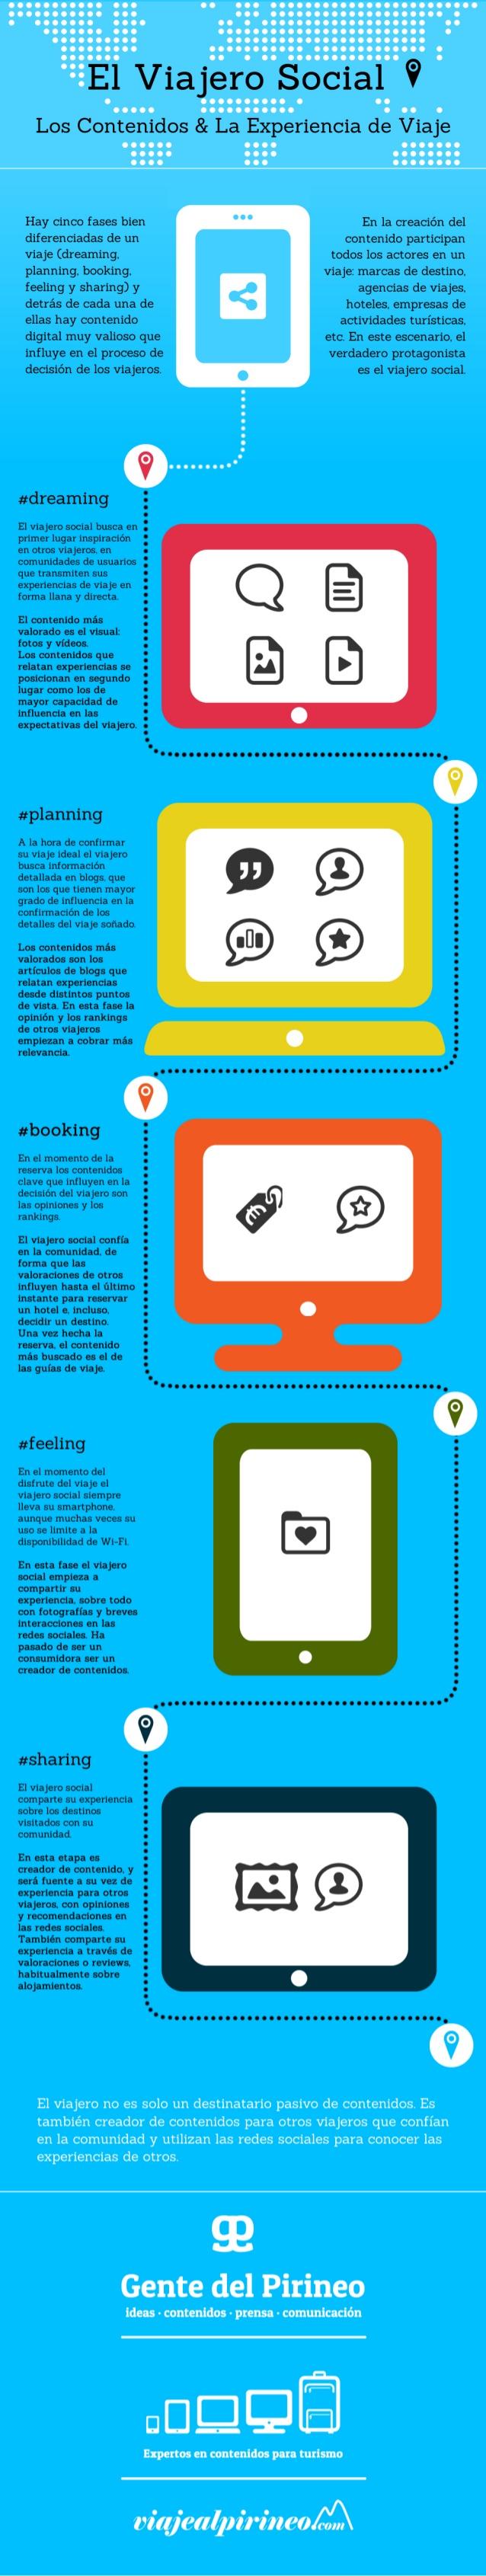 Infografías sobre viajes